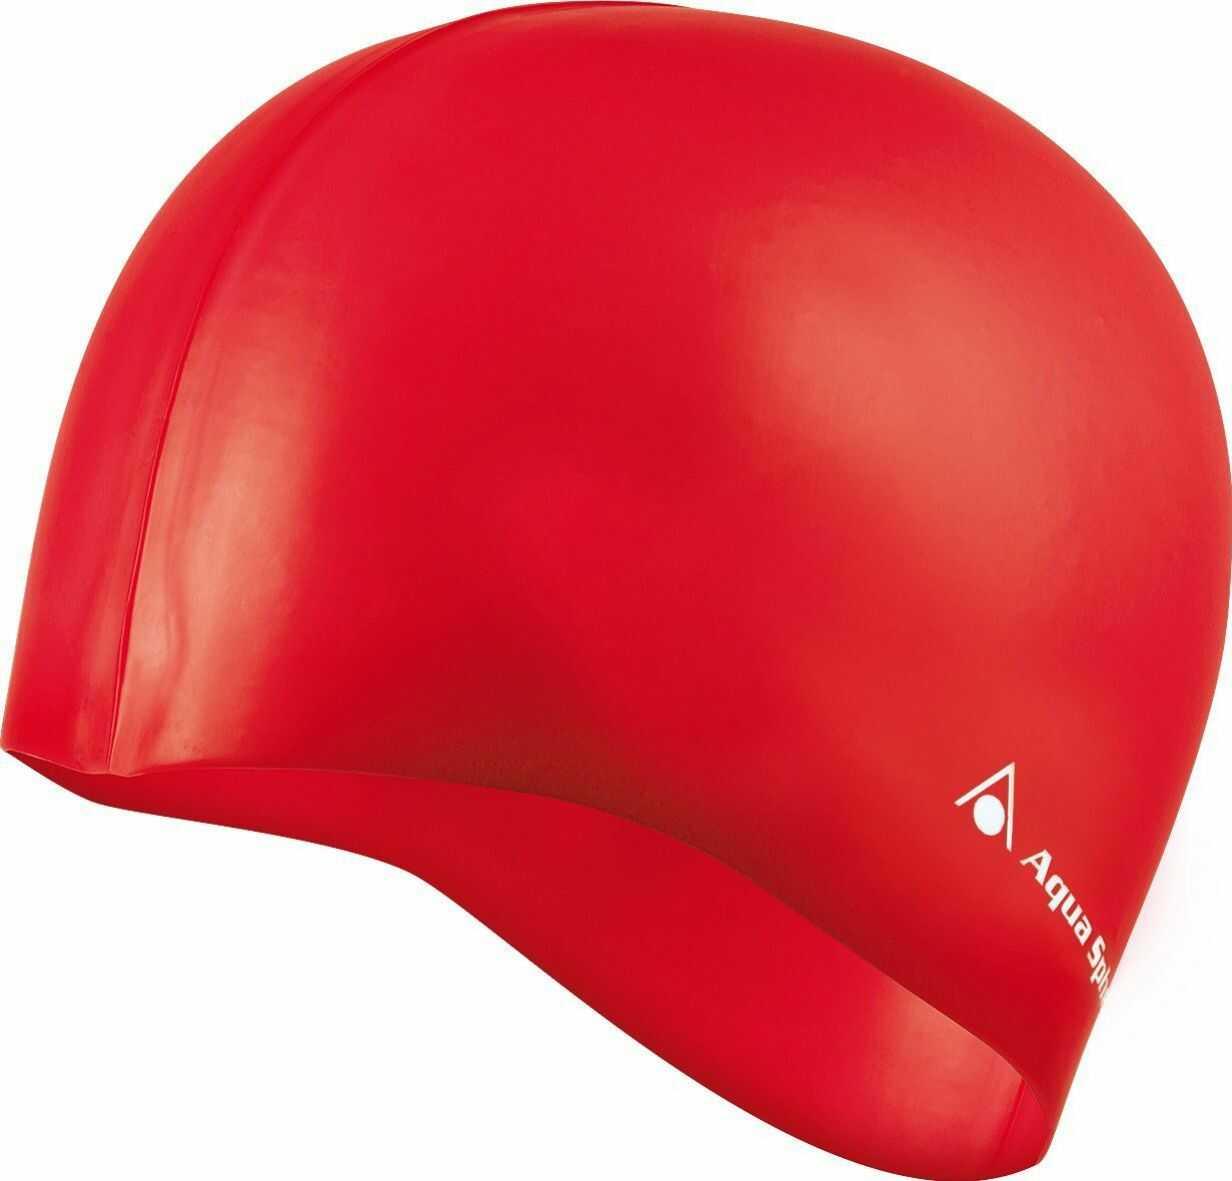 Czepek pływacki aqua sphere classic czerwony